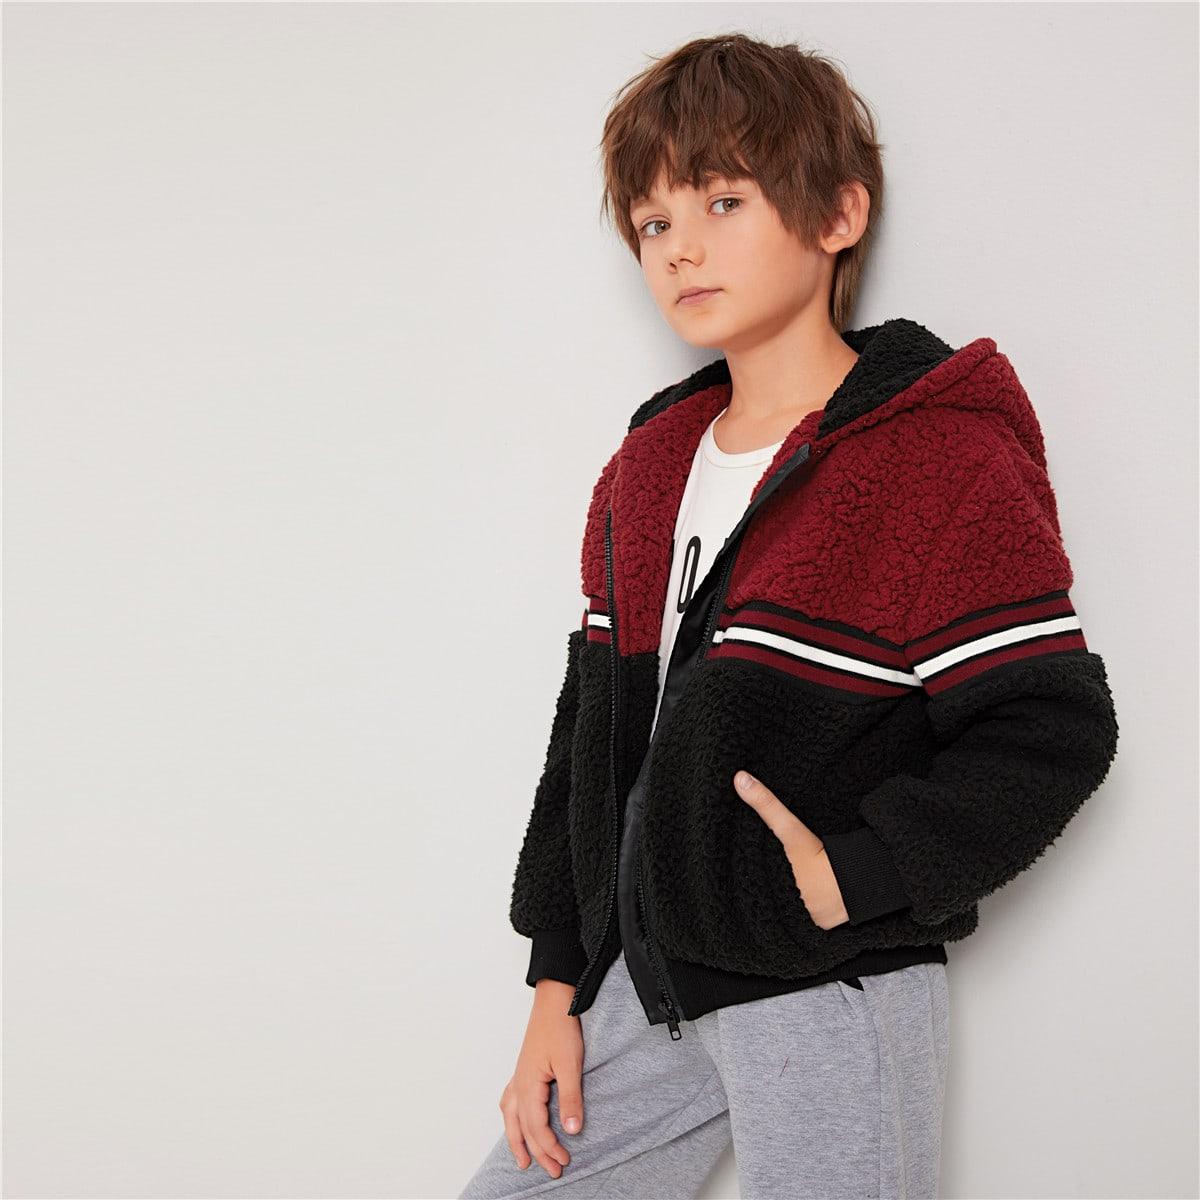 Двухцветная куртка с полосками для мальчиков от SHEIN